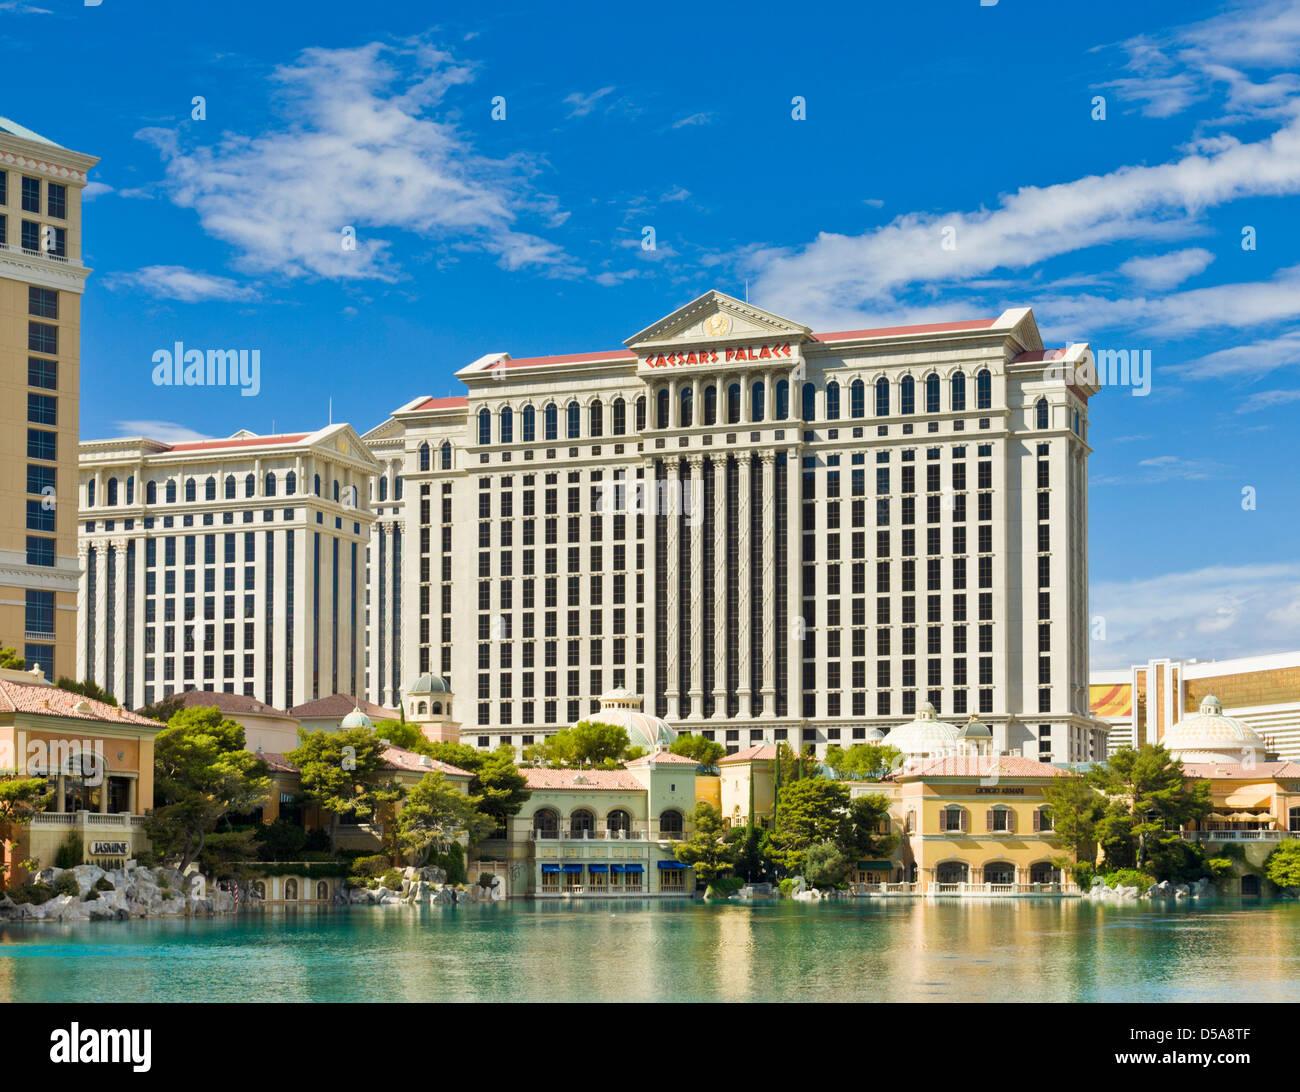 Caesars Palace hotel, The Strip, Las Vegas Nevada USA - Stock Image